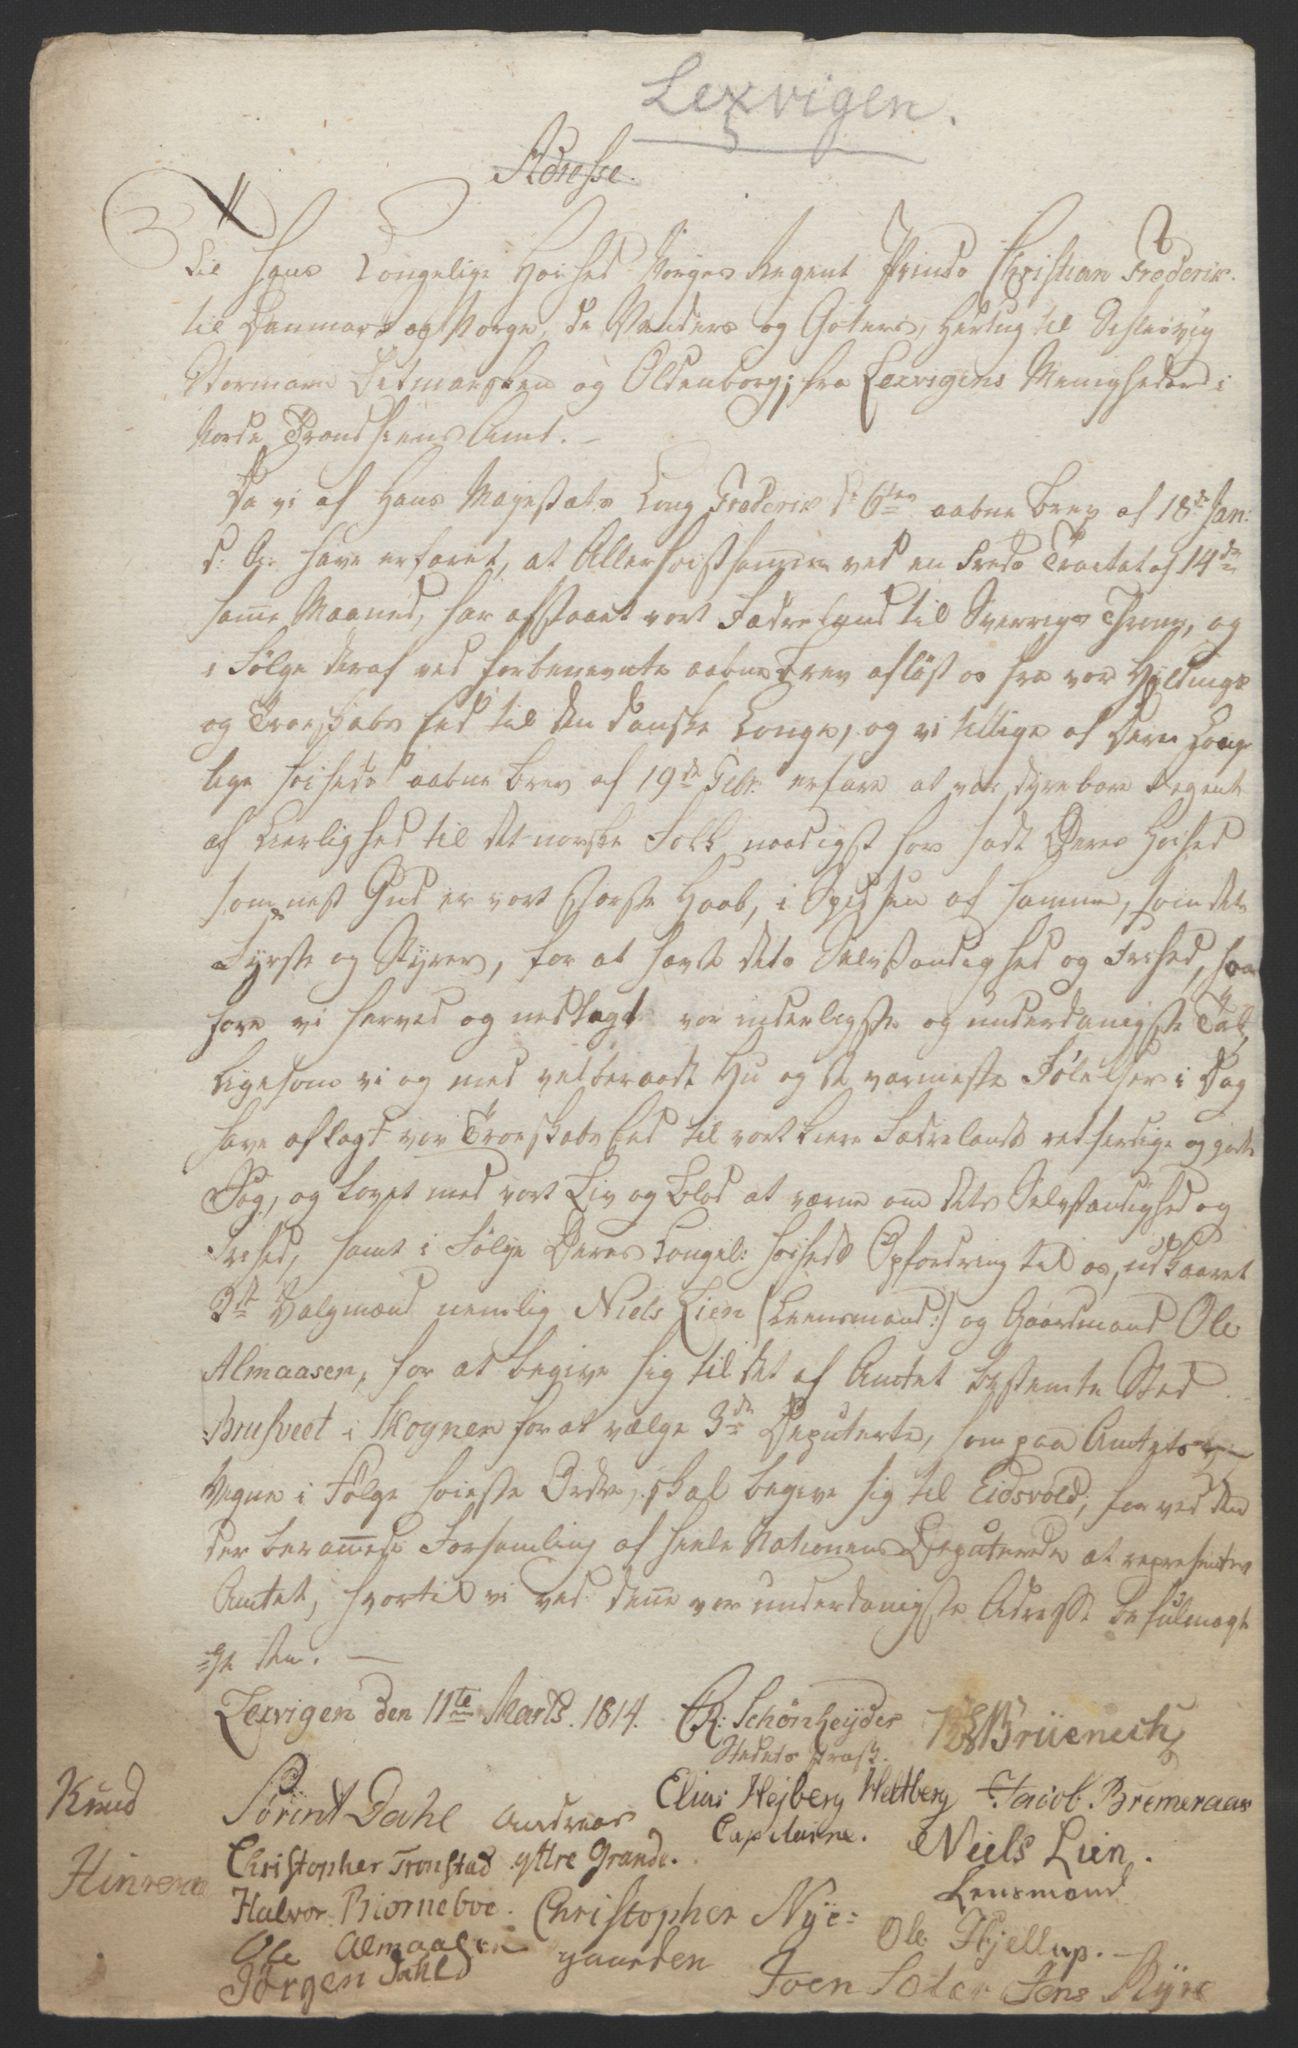 RA, Statsrådssekretariatet, D/Db/L0008: Fullmakter for Eidsvollsrepresentantene i 1814. , 1814, s. 471